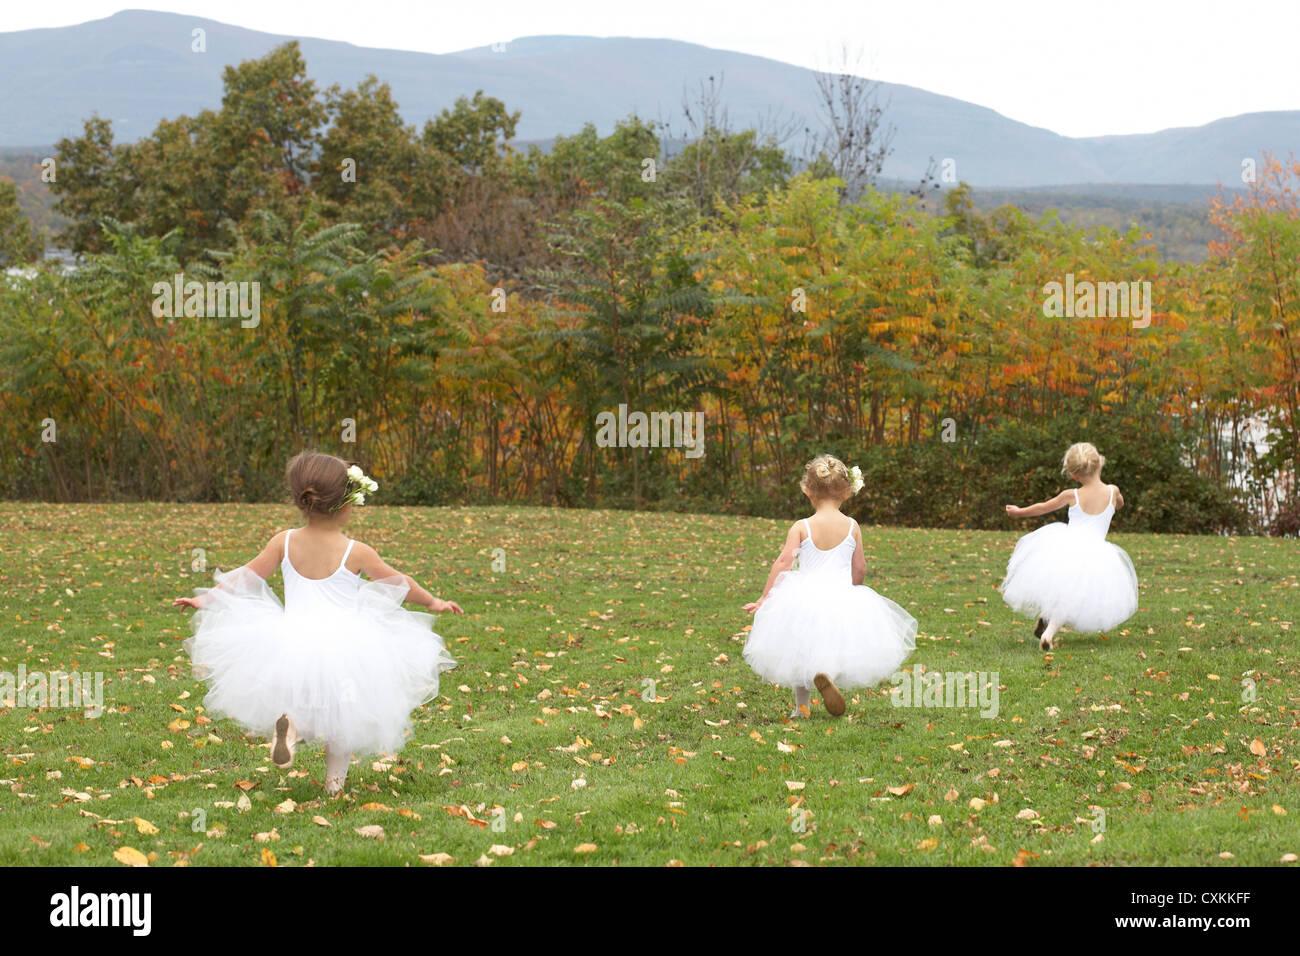 Las niñas corriendo en trajes de ballet en un campo Imagen De Stock